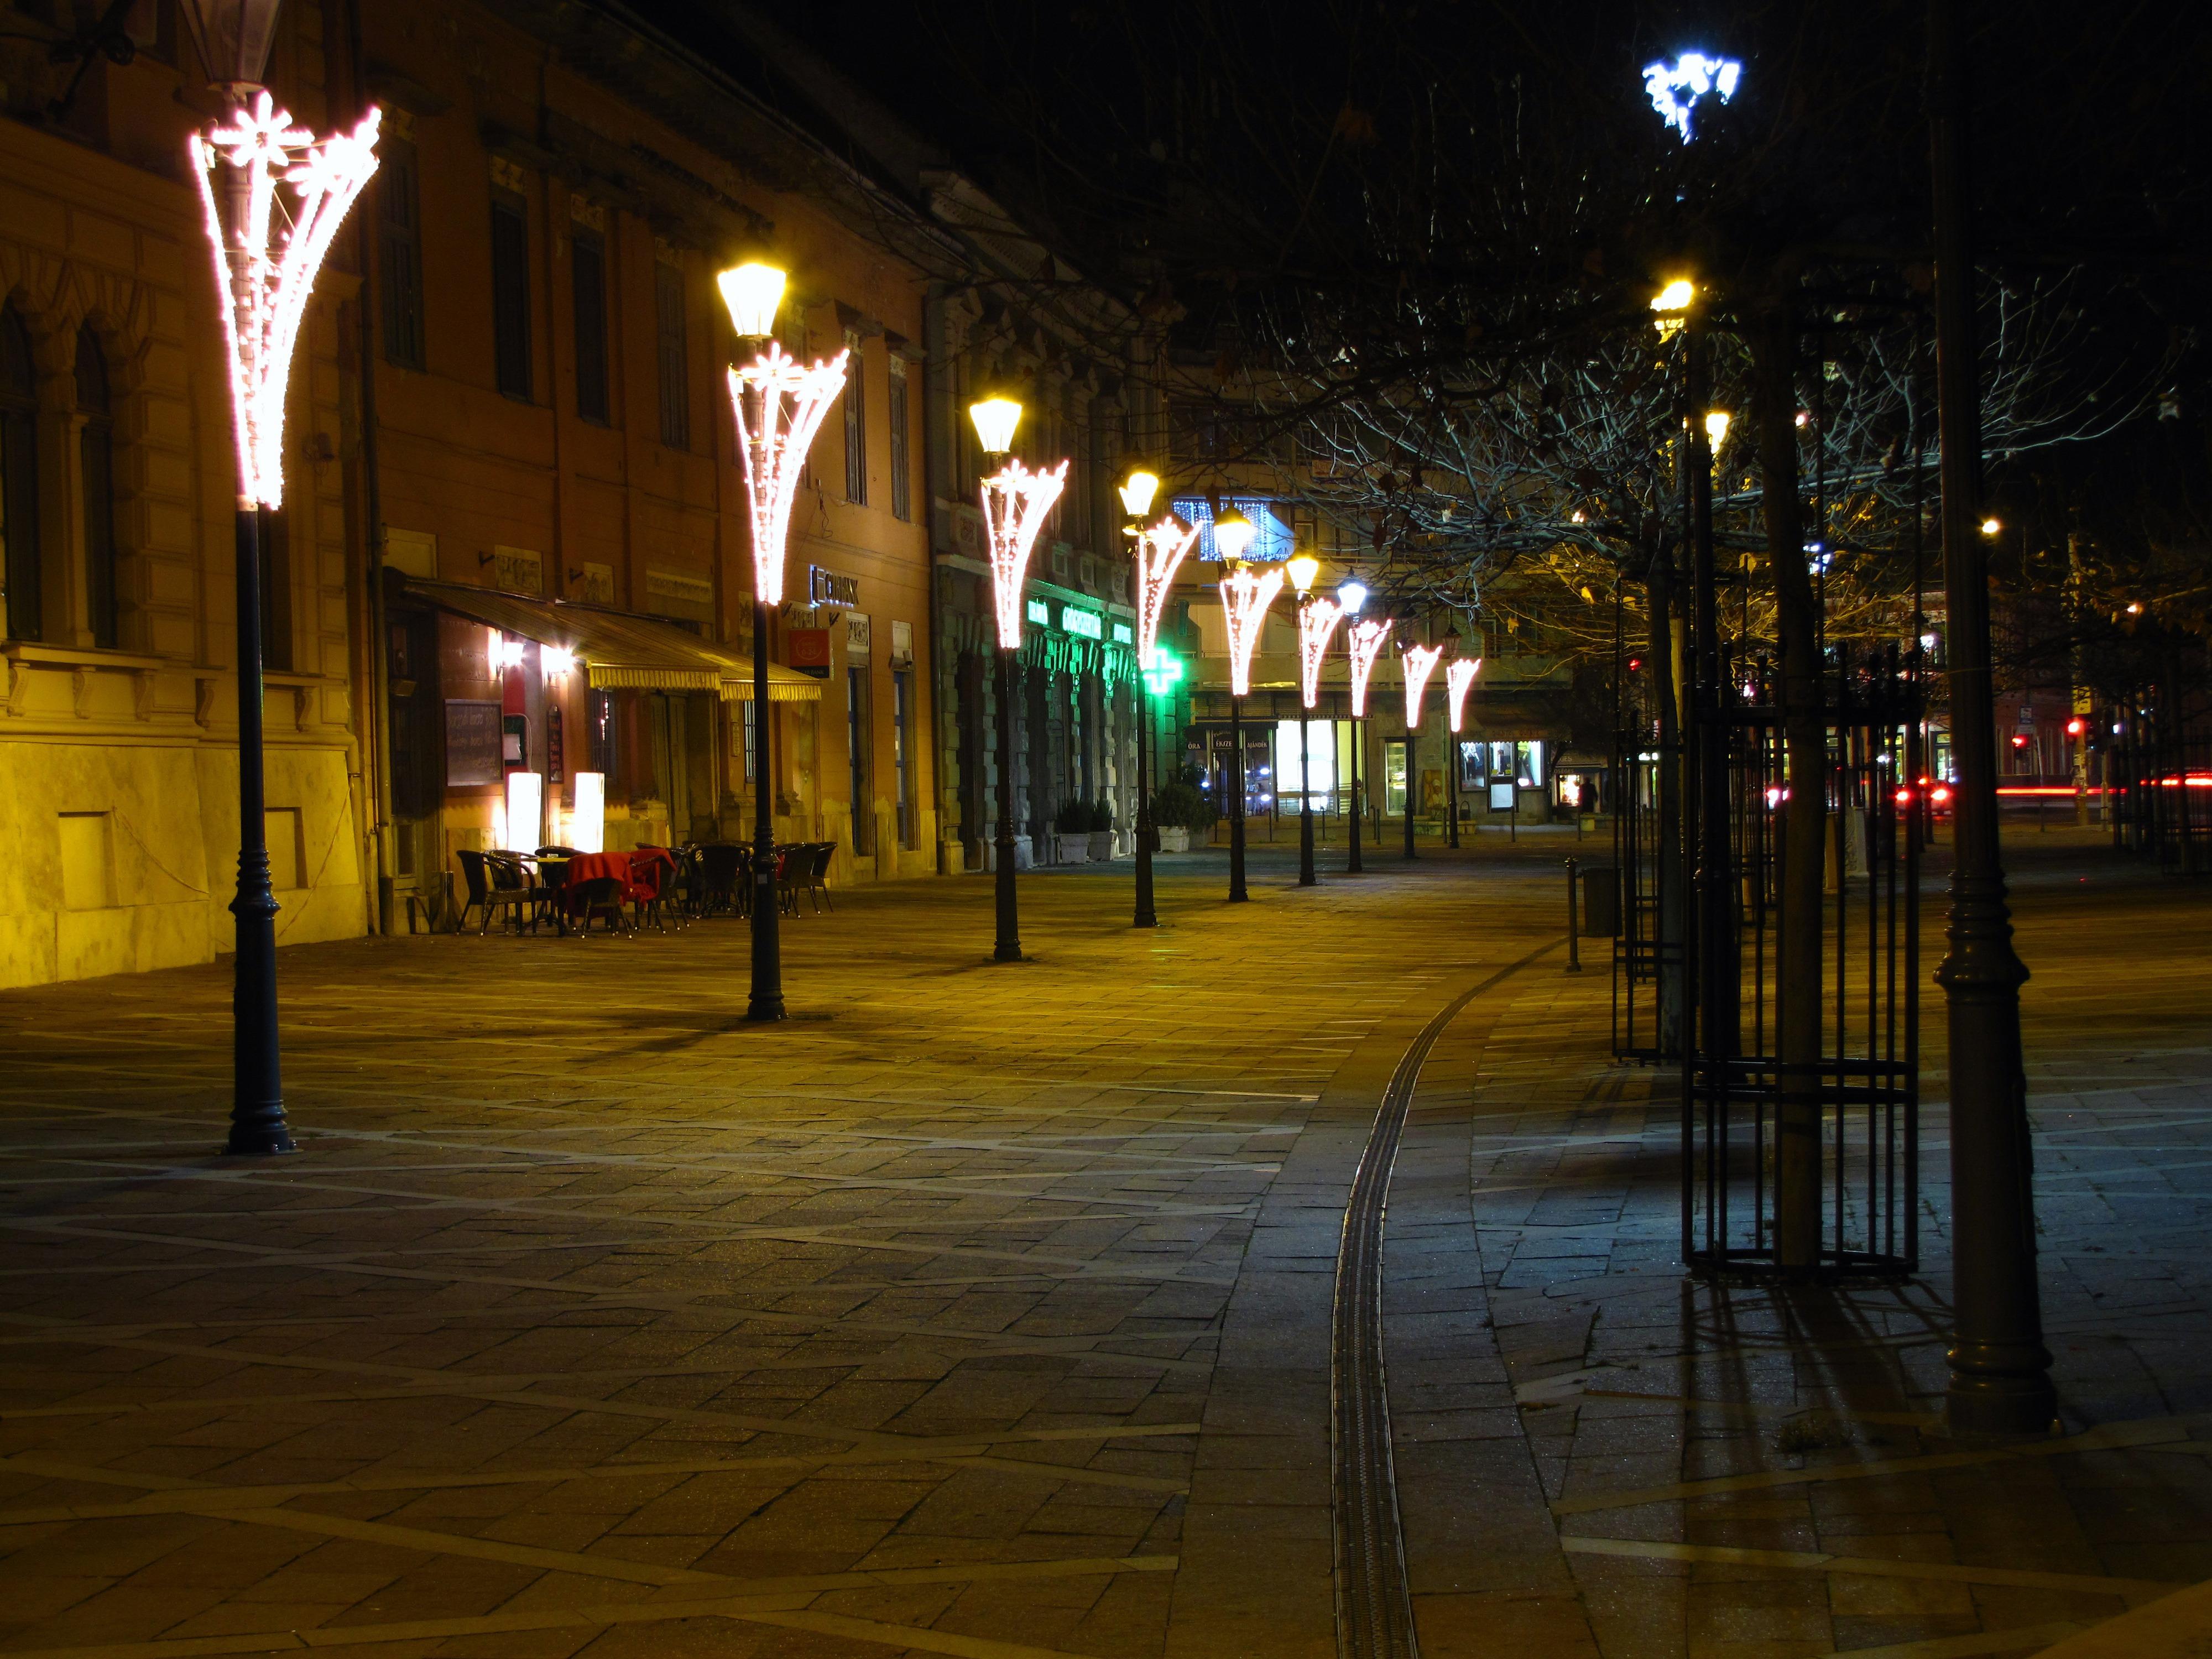 Gambar Cahaya Pemandangan Kota Pusat Kota Lampu Jalan